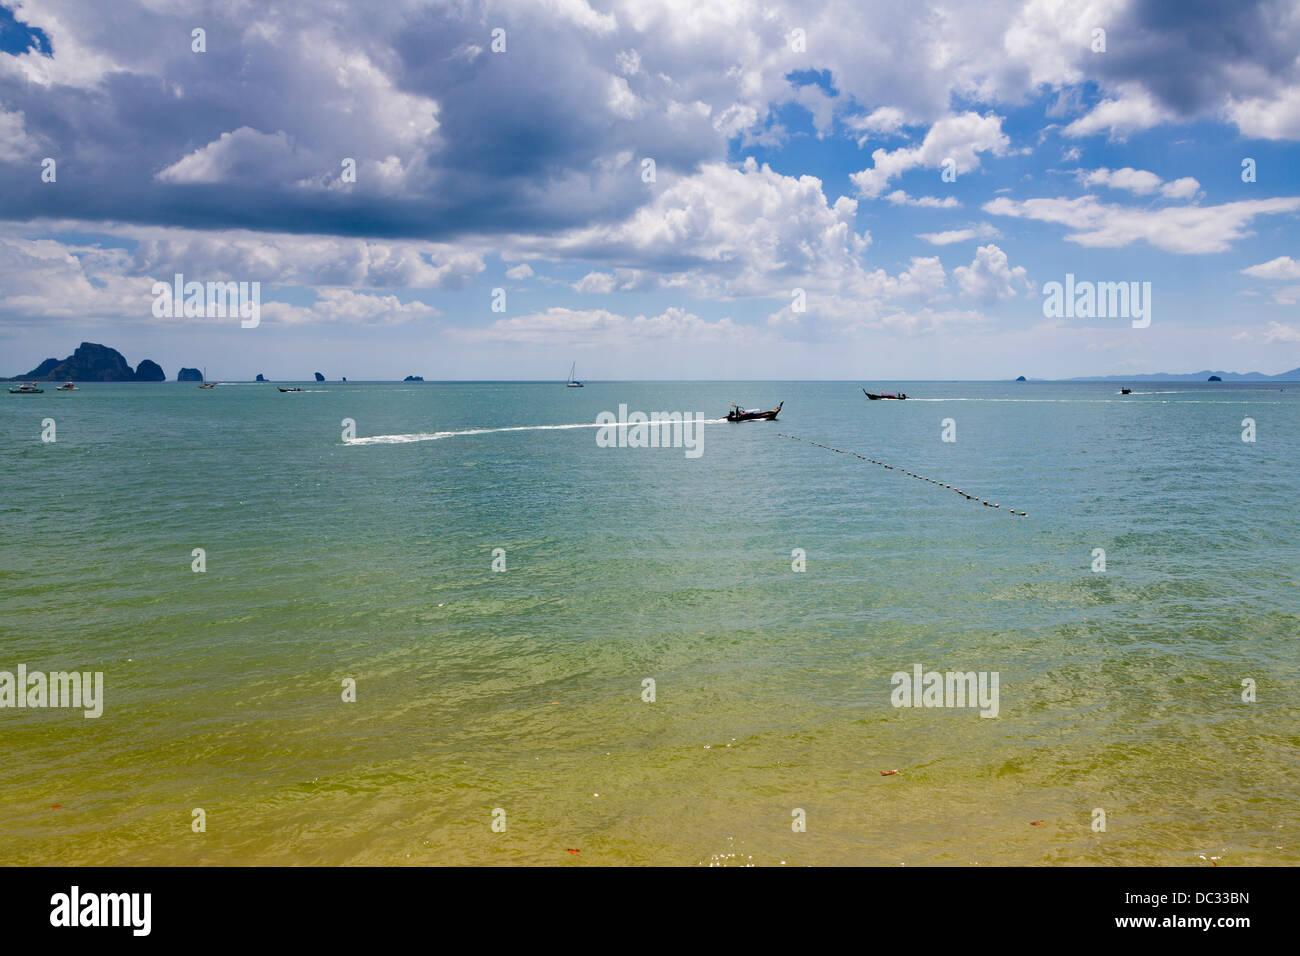 View onto the Ocean near Ao Nang, Thailand - Stock Image